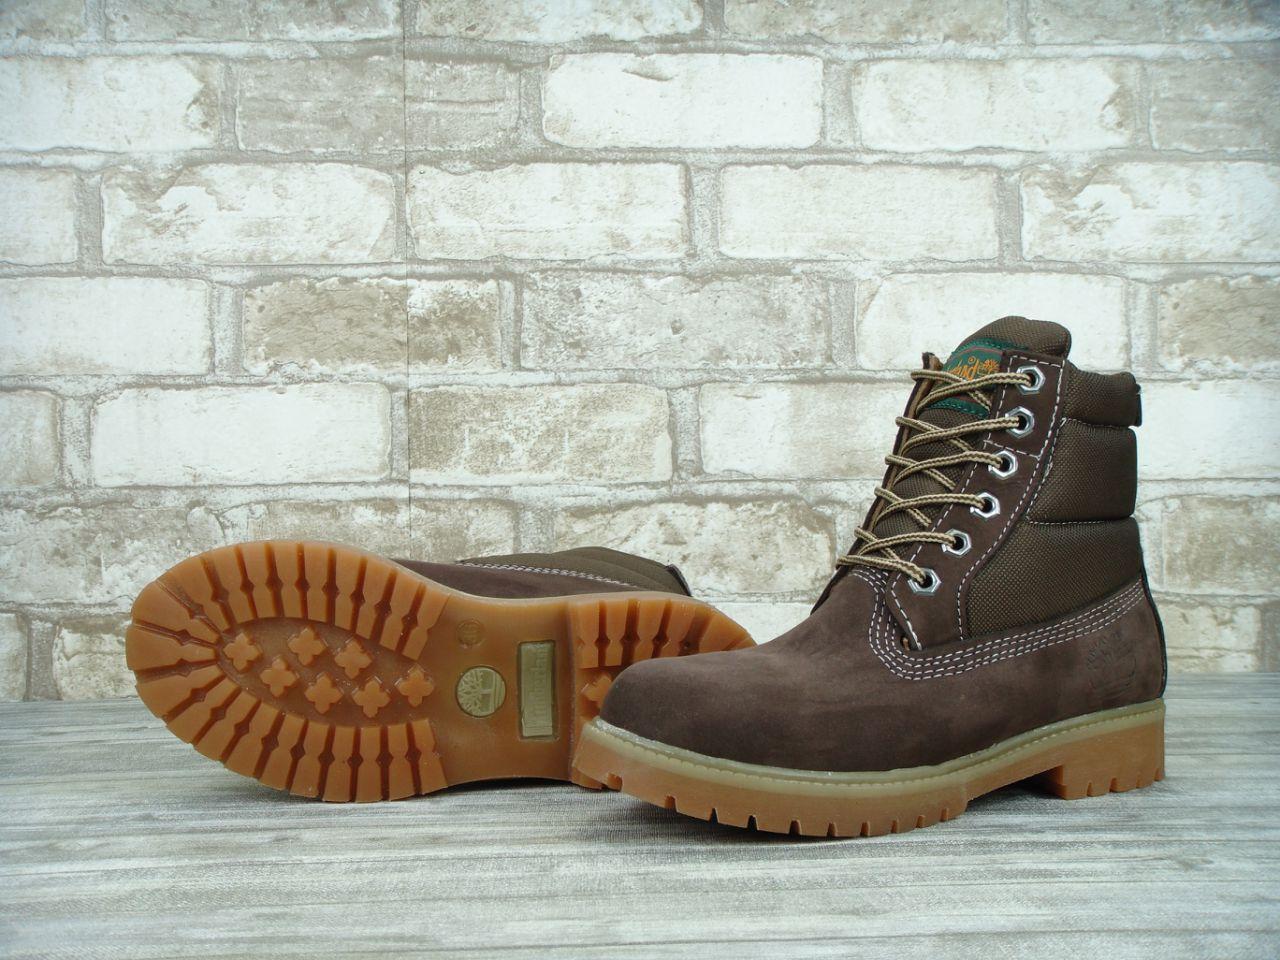 Зимние ботинки Timberland Brown, женские ботинки с натуральным мехом. ТОП Реплика ААА класса.